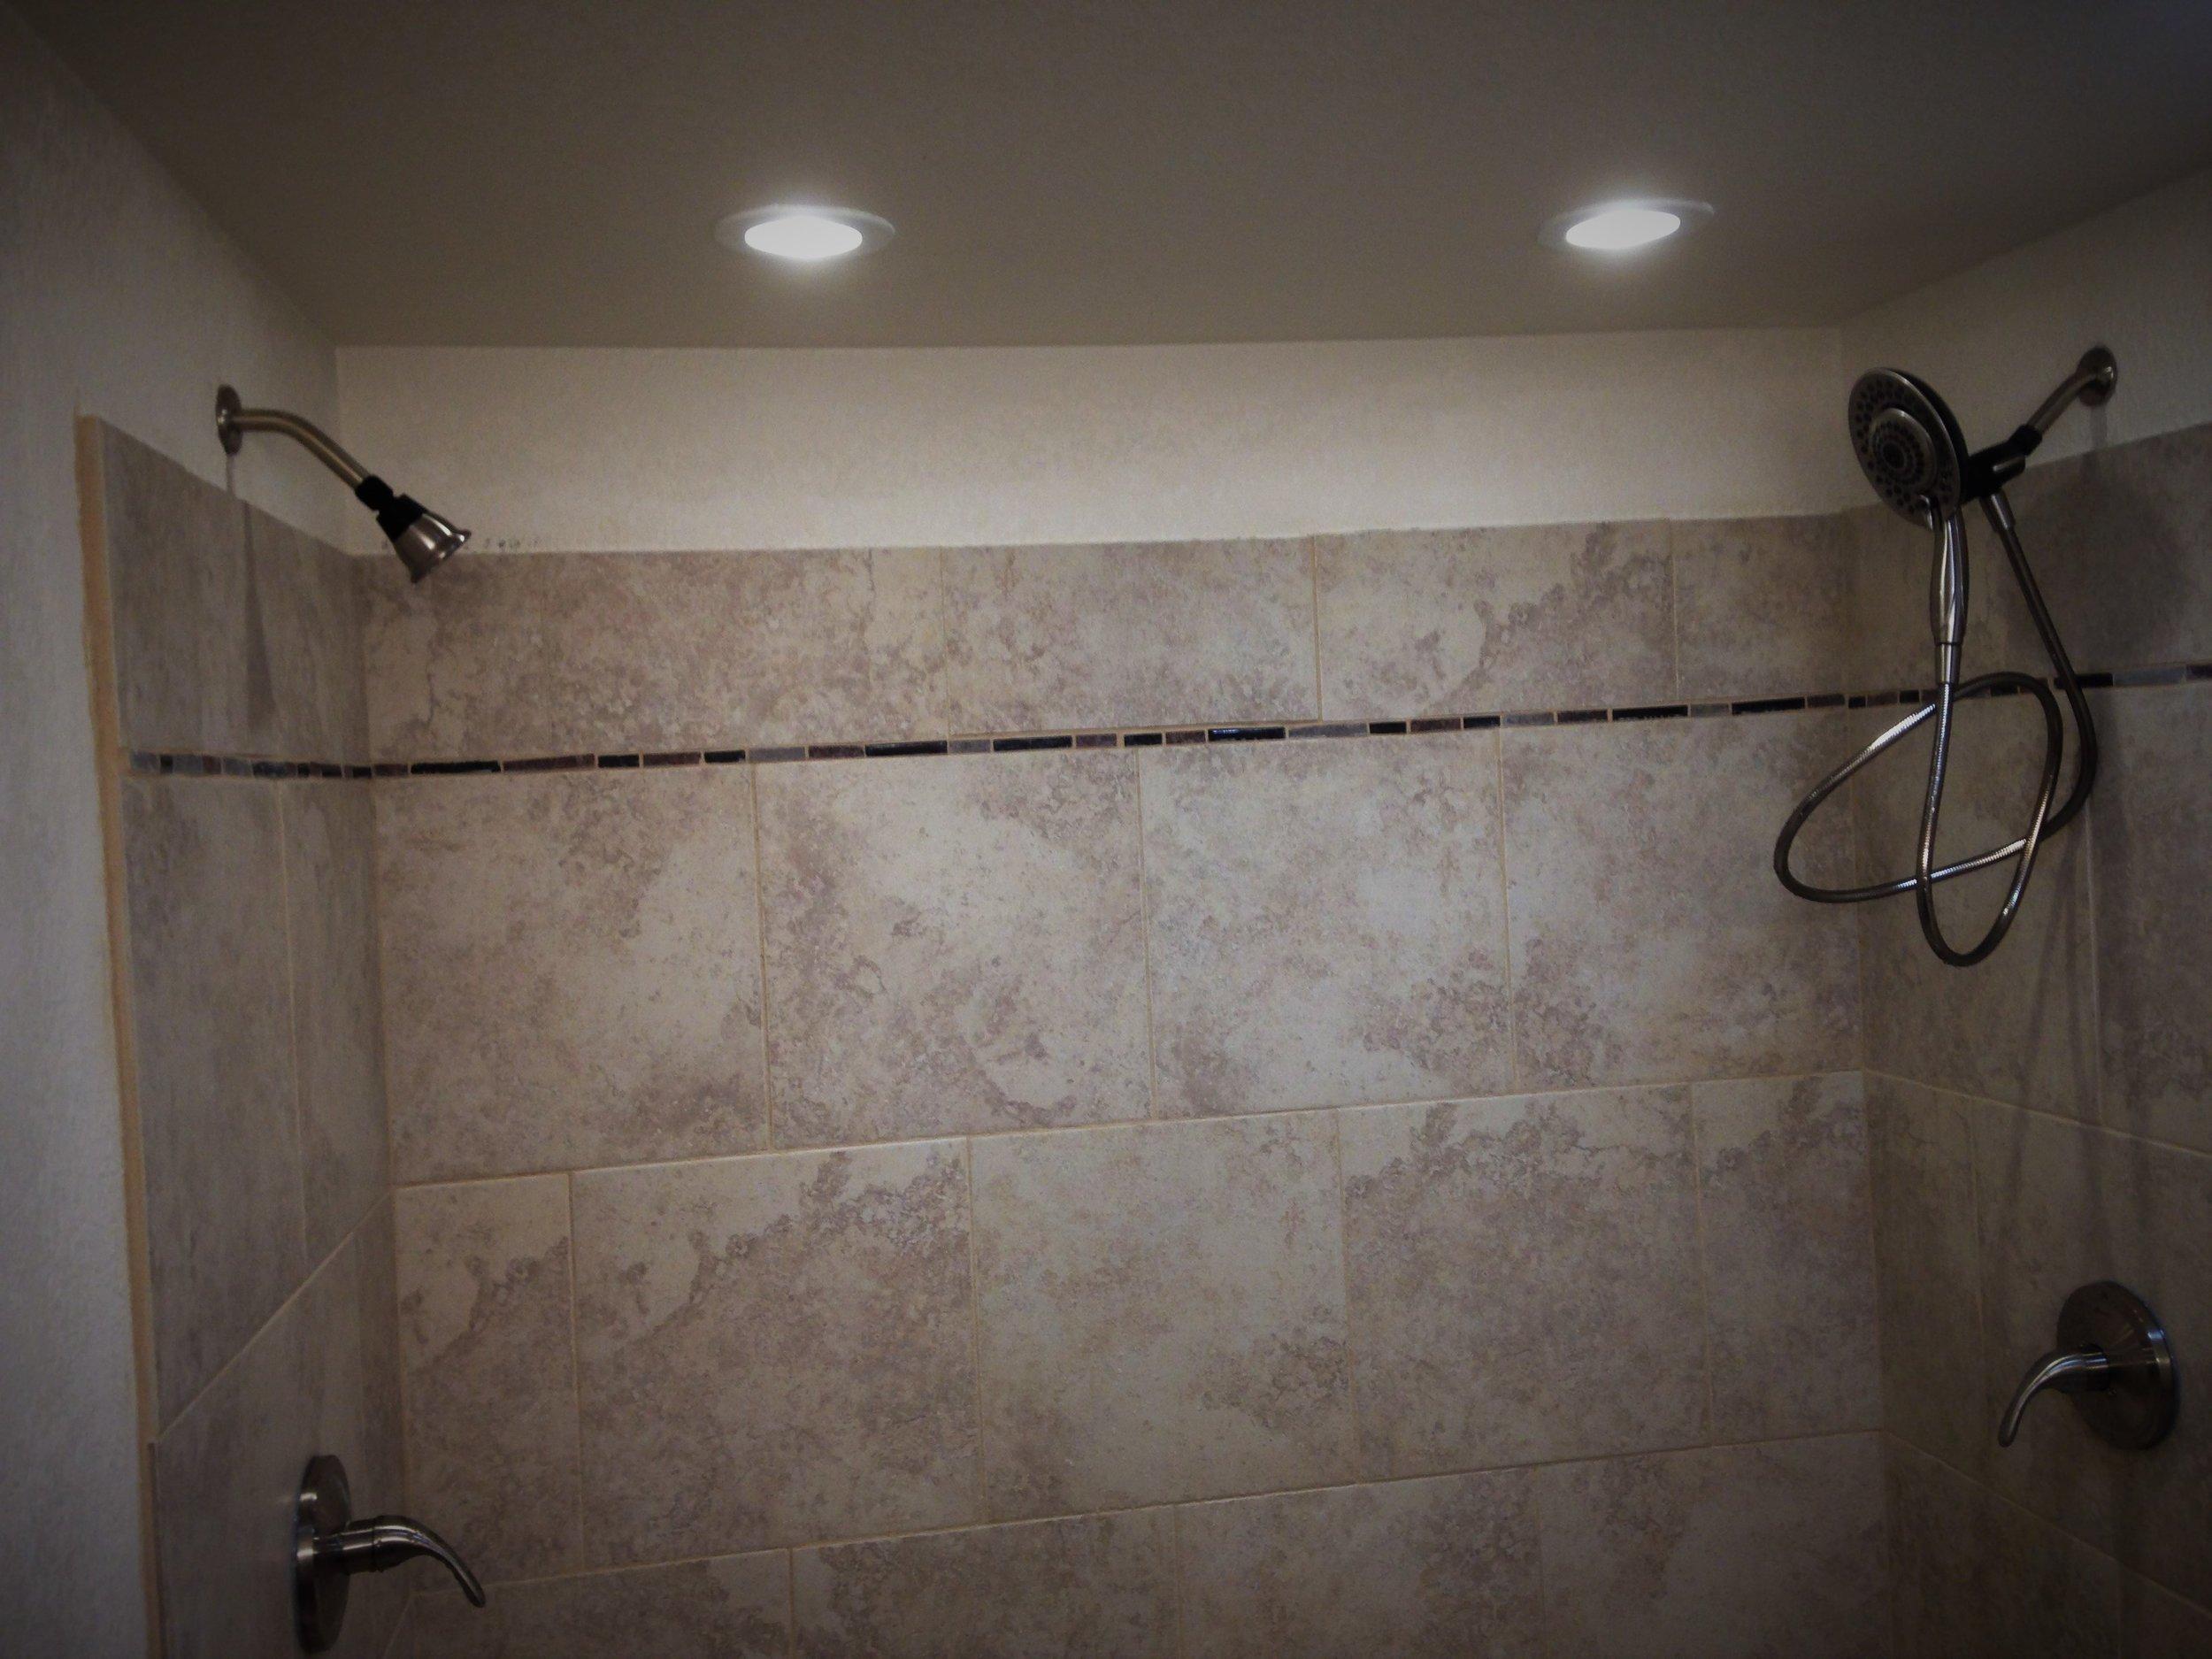 Shower Plumbing with Custom Tile Walls